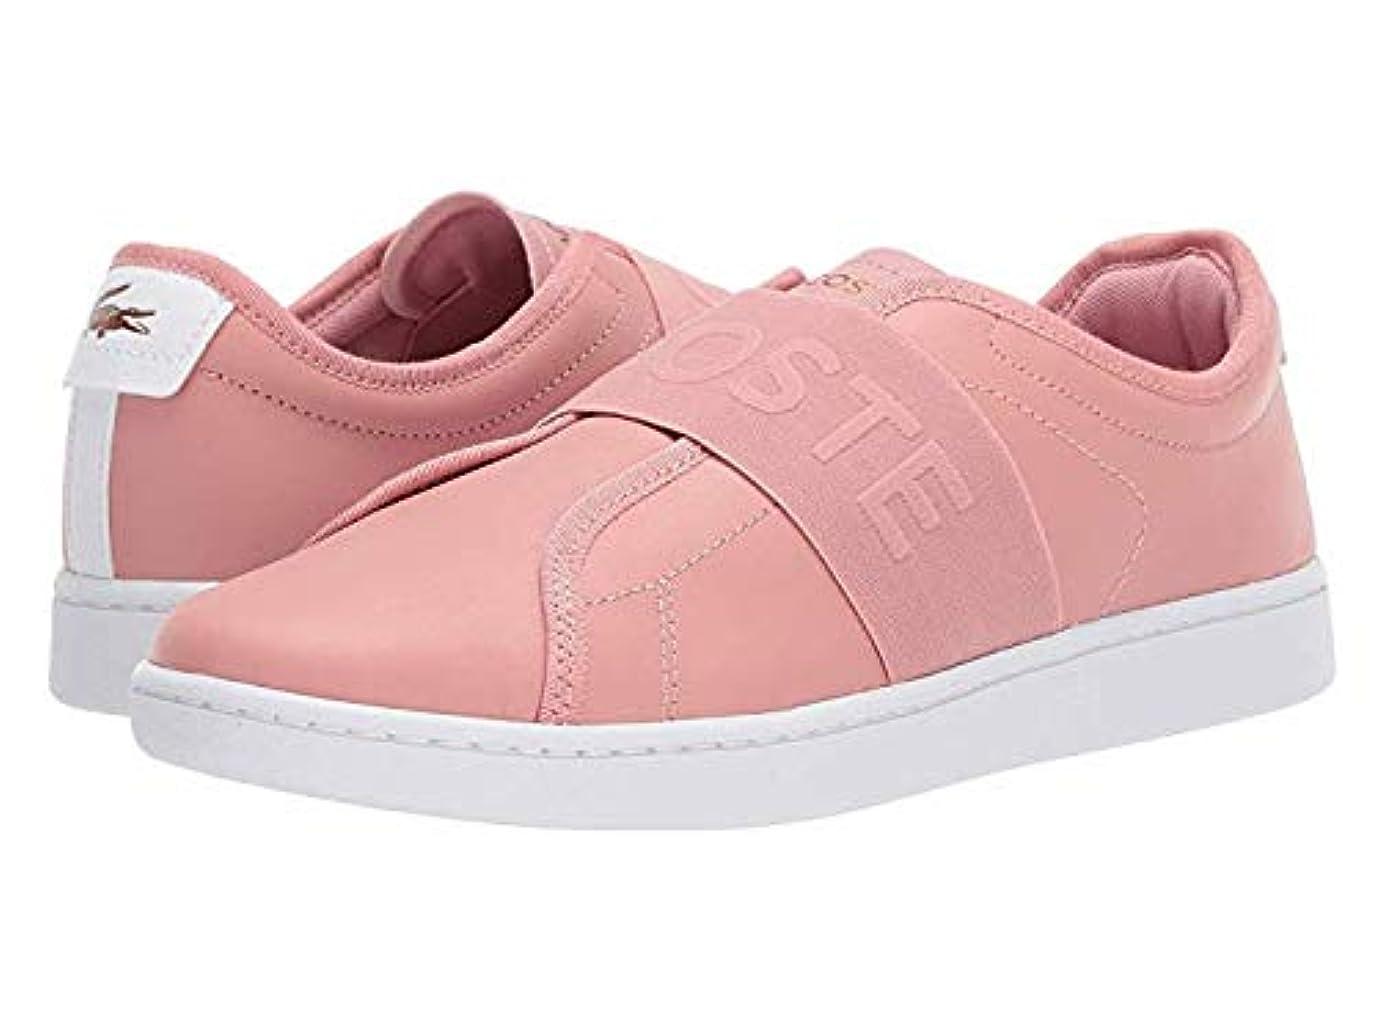 [ラコステ] レディーススニーカー?靴?シューズ Carnaby Evo Slip 318 1 Pink/White US 9.5 (26.5cm) M [並行輸入品]